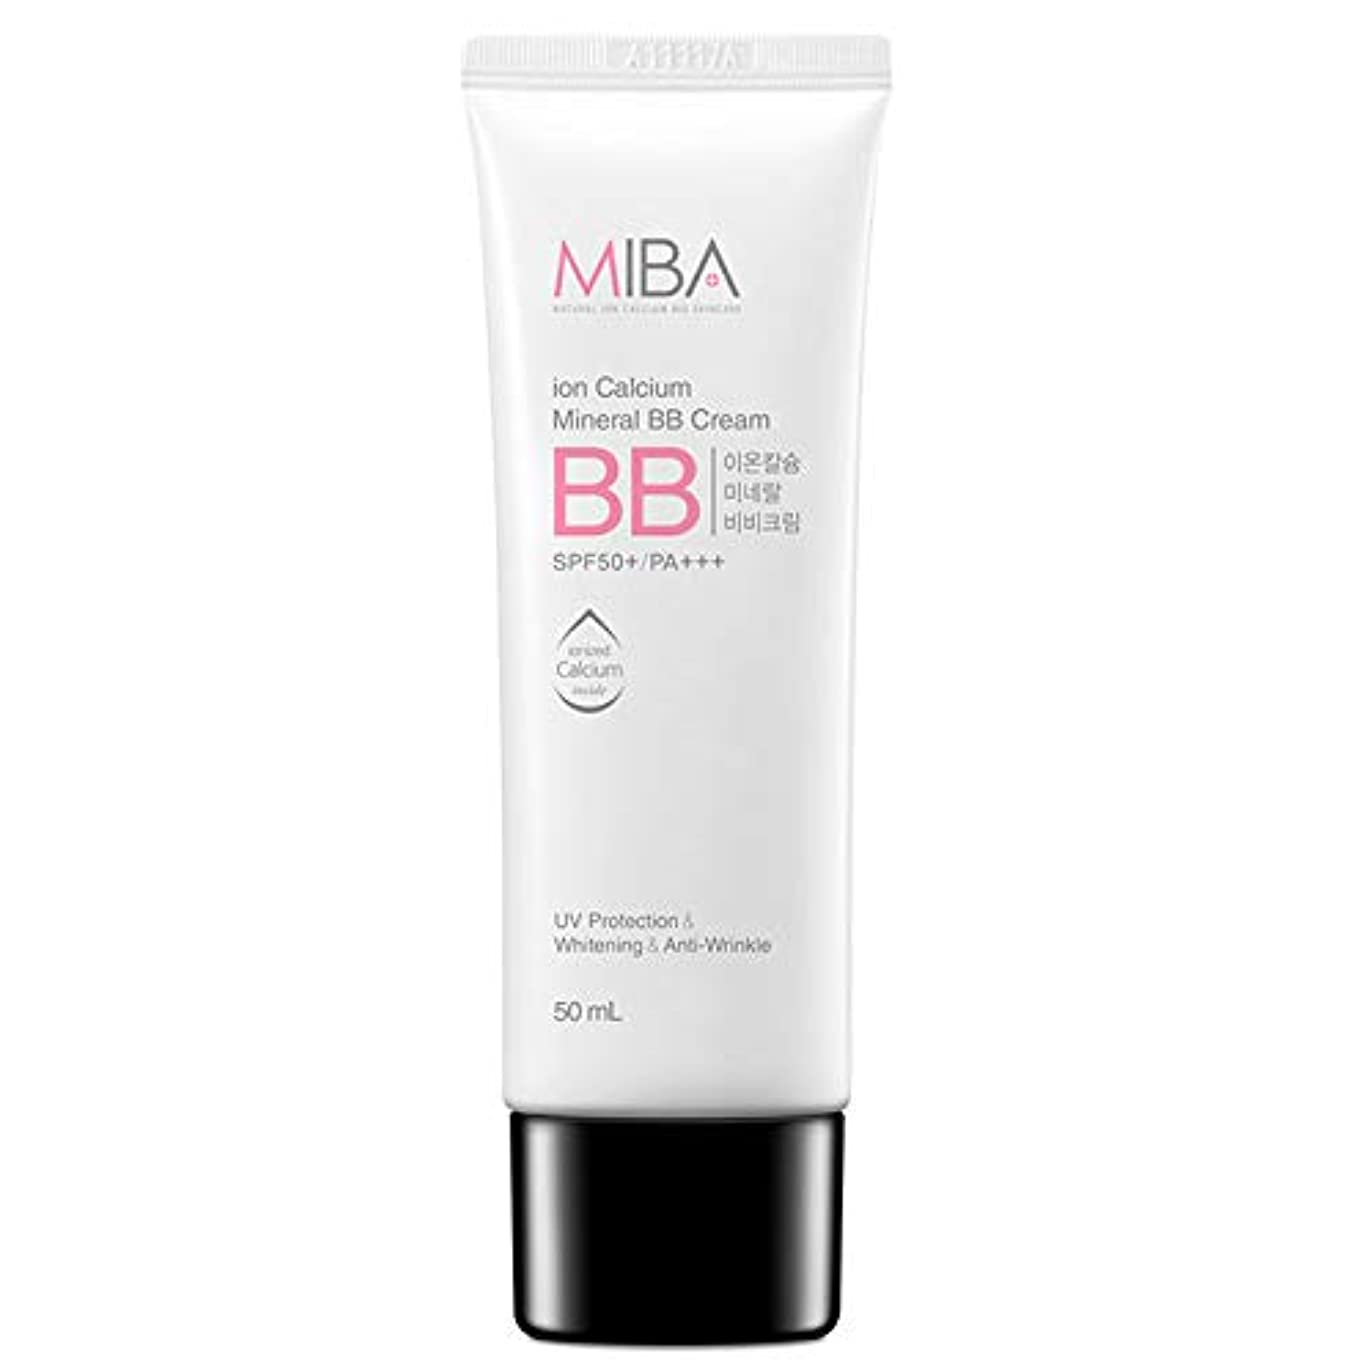 分子暗殺者ミトンスキンDr ミバ IC ミネラルBBクリーム SPF50+/ PA+++ / MIBA Ion Calcium Mineral BB Cream [正規品]